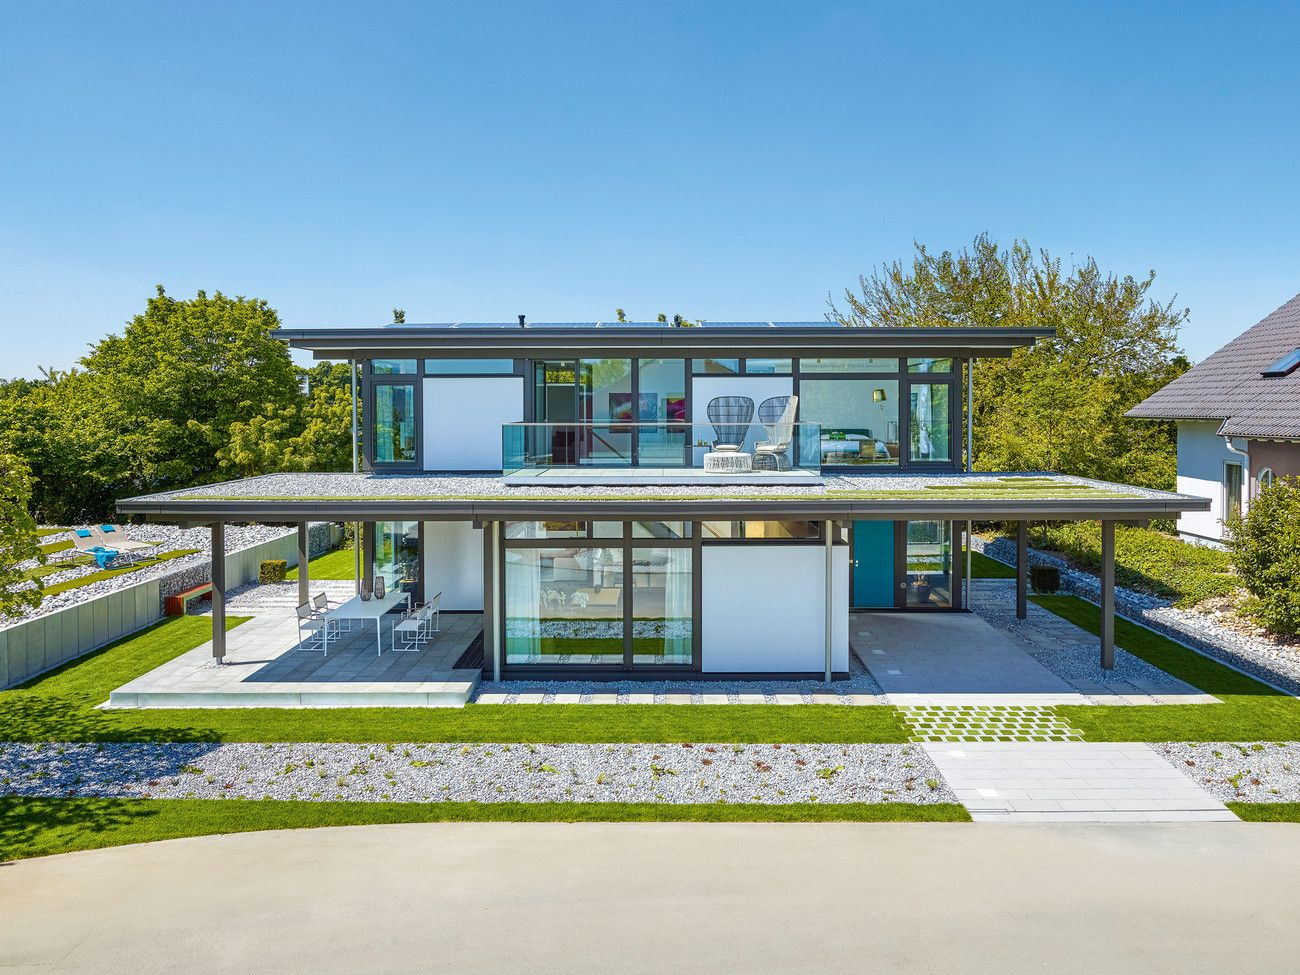 Das elegante HUF Fachwerkhaus kann im Deutschen Fertighaus